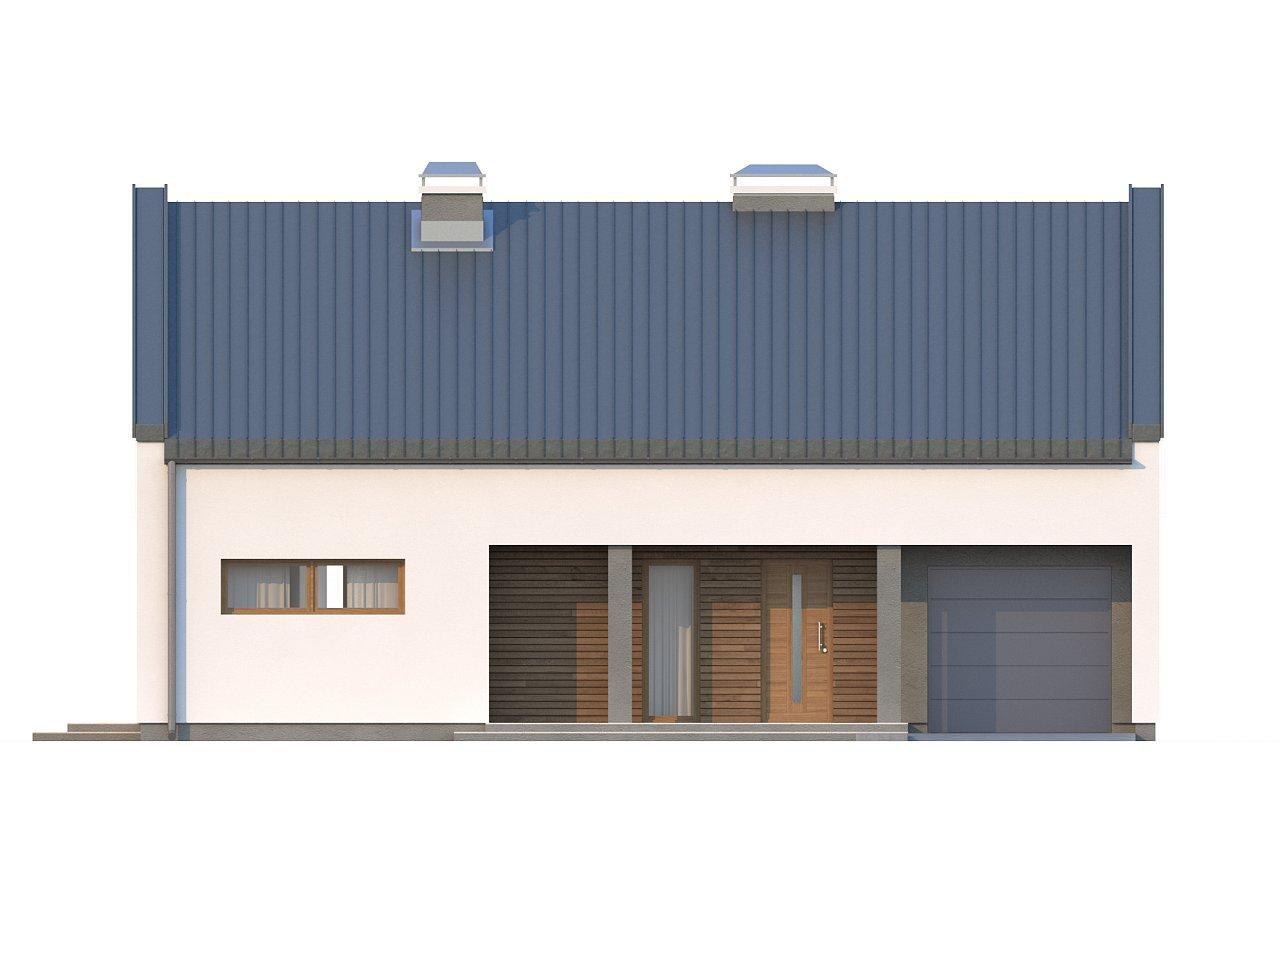 Аккуратный современный дом простой формы с оригинальной двускатной крышей. - фото 3